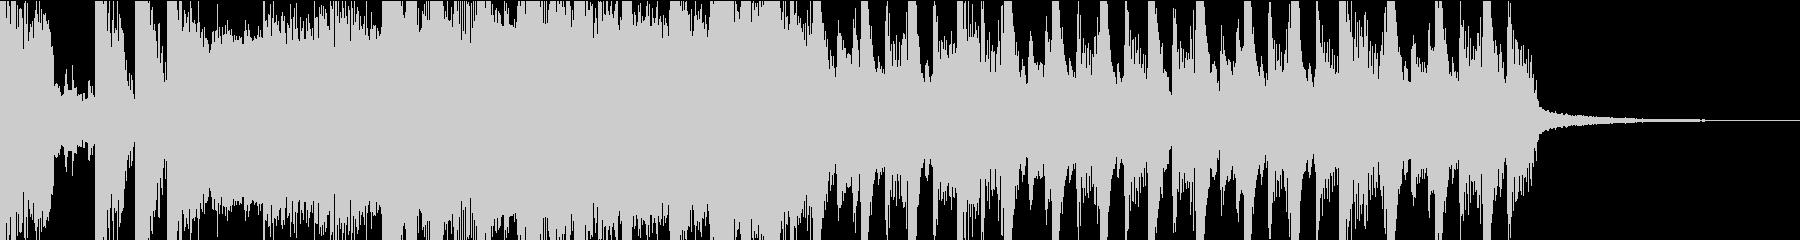 ポップでわくわくするシンセ曲 OPなどにの未再生の波形